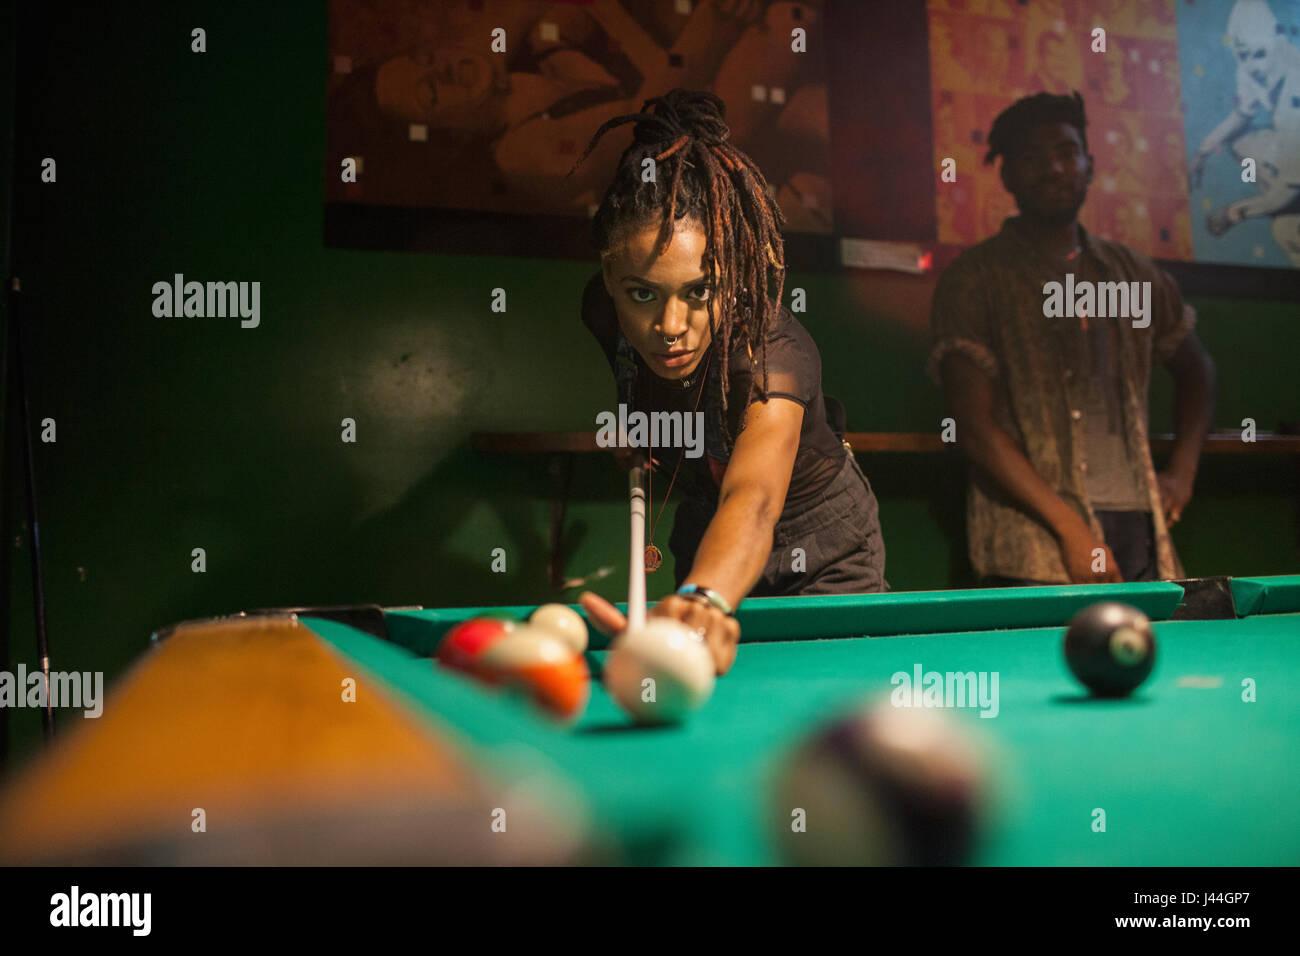 Eine junge Frau, Billard spielen. Stockbild